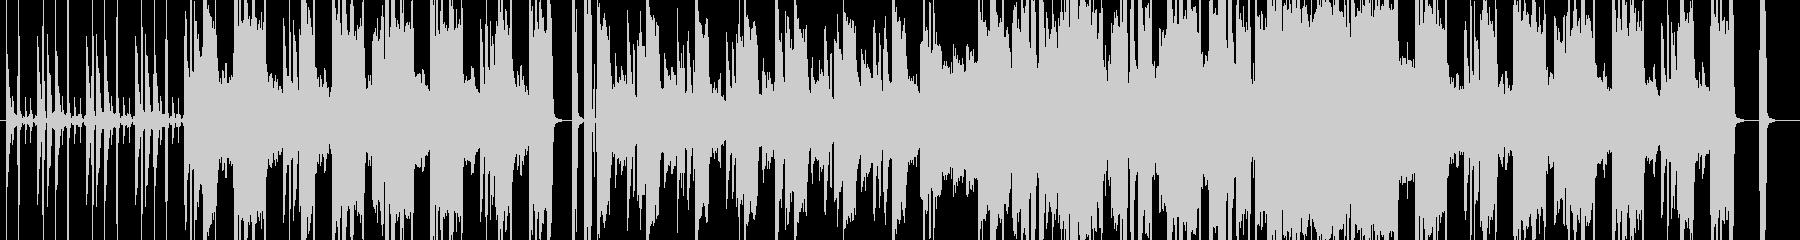 おしゃれネオソウル・R&Bの未再生の波形